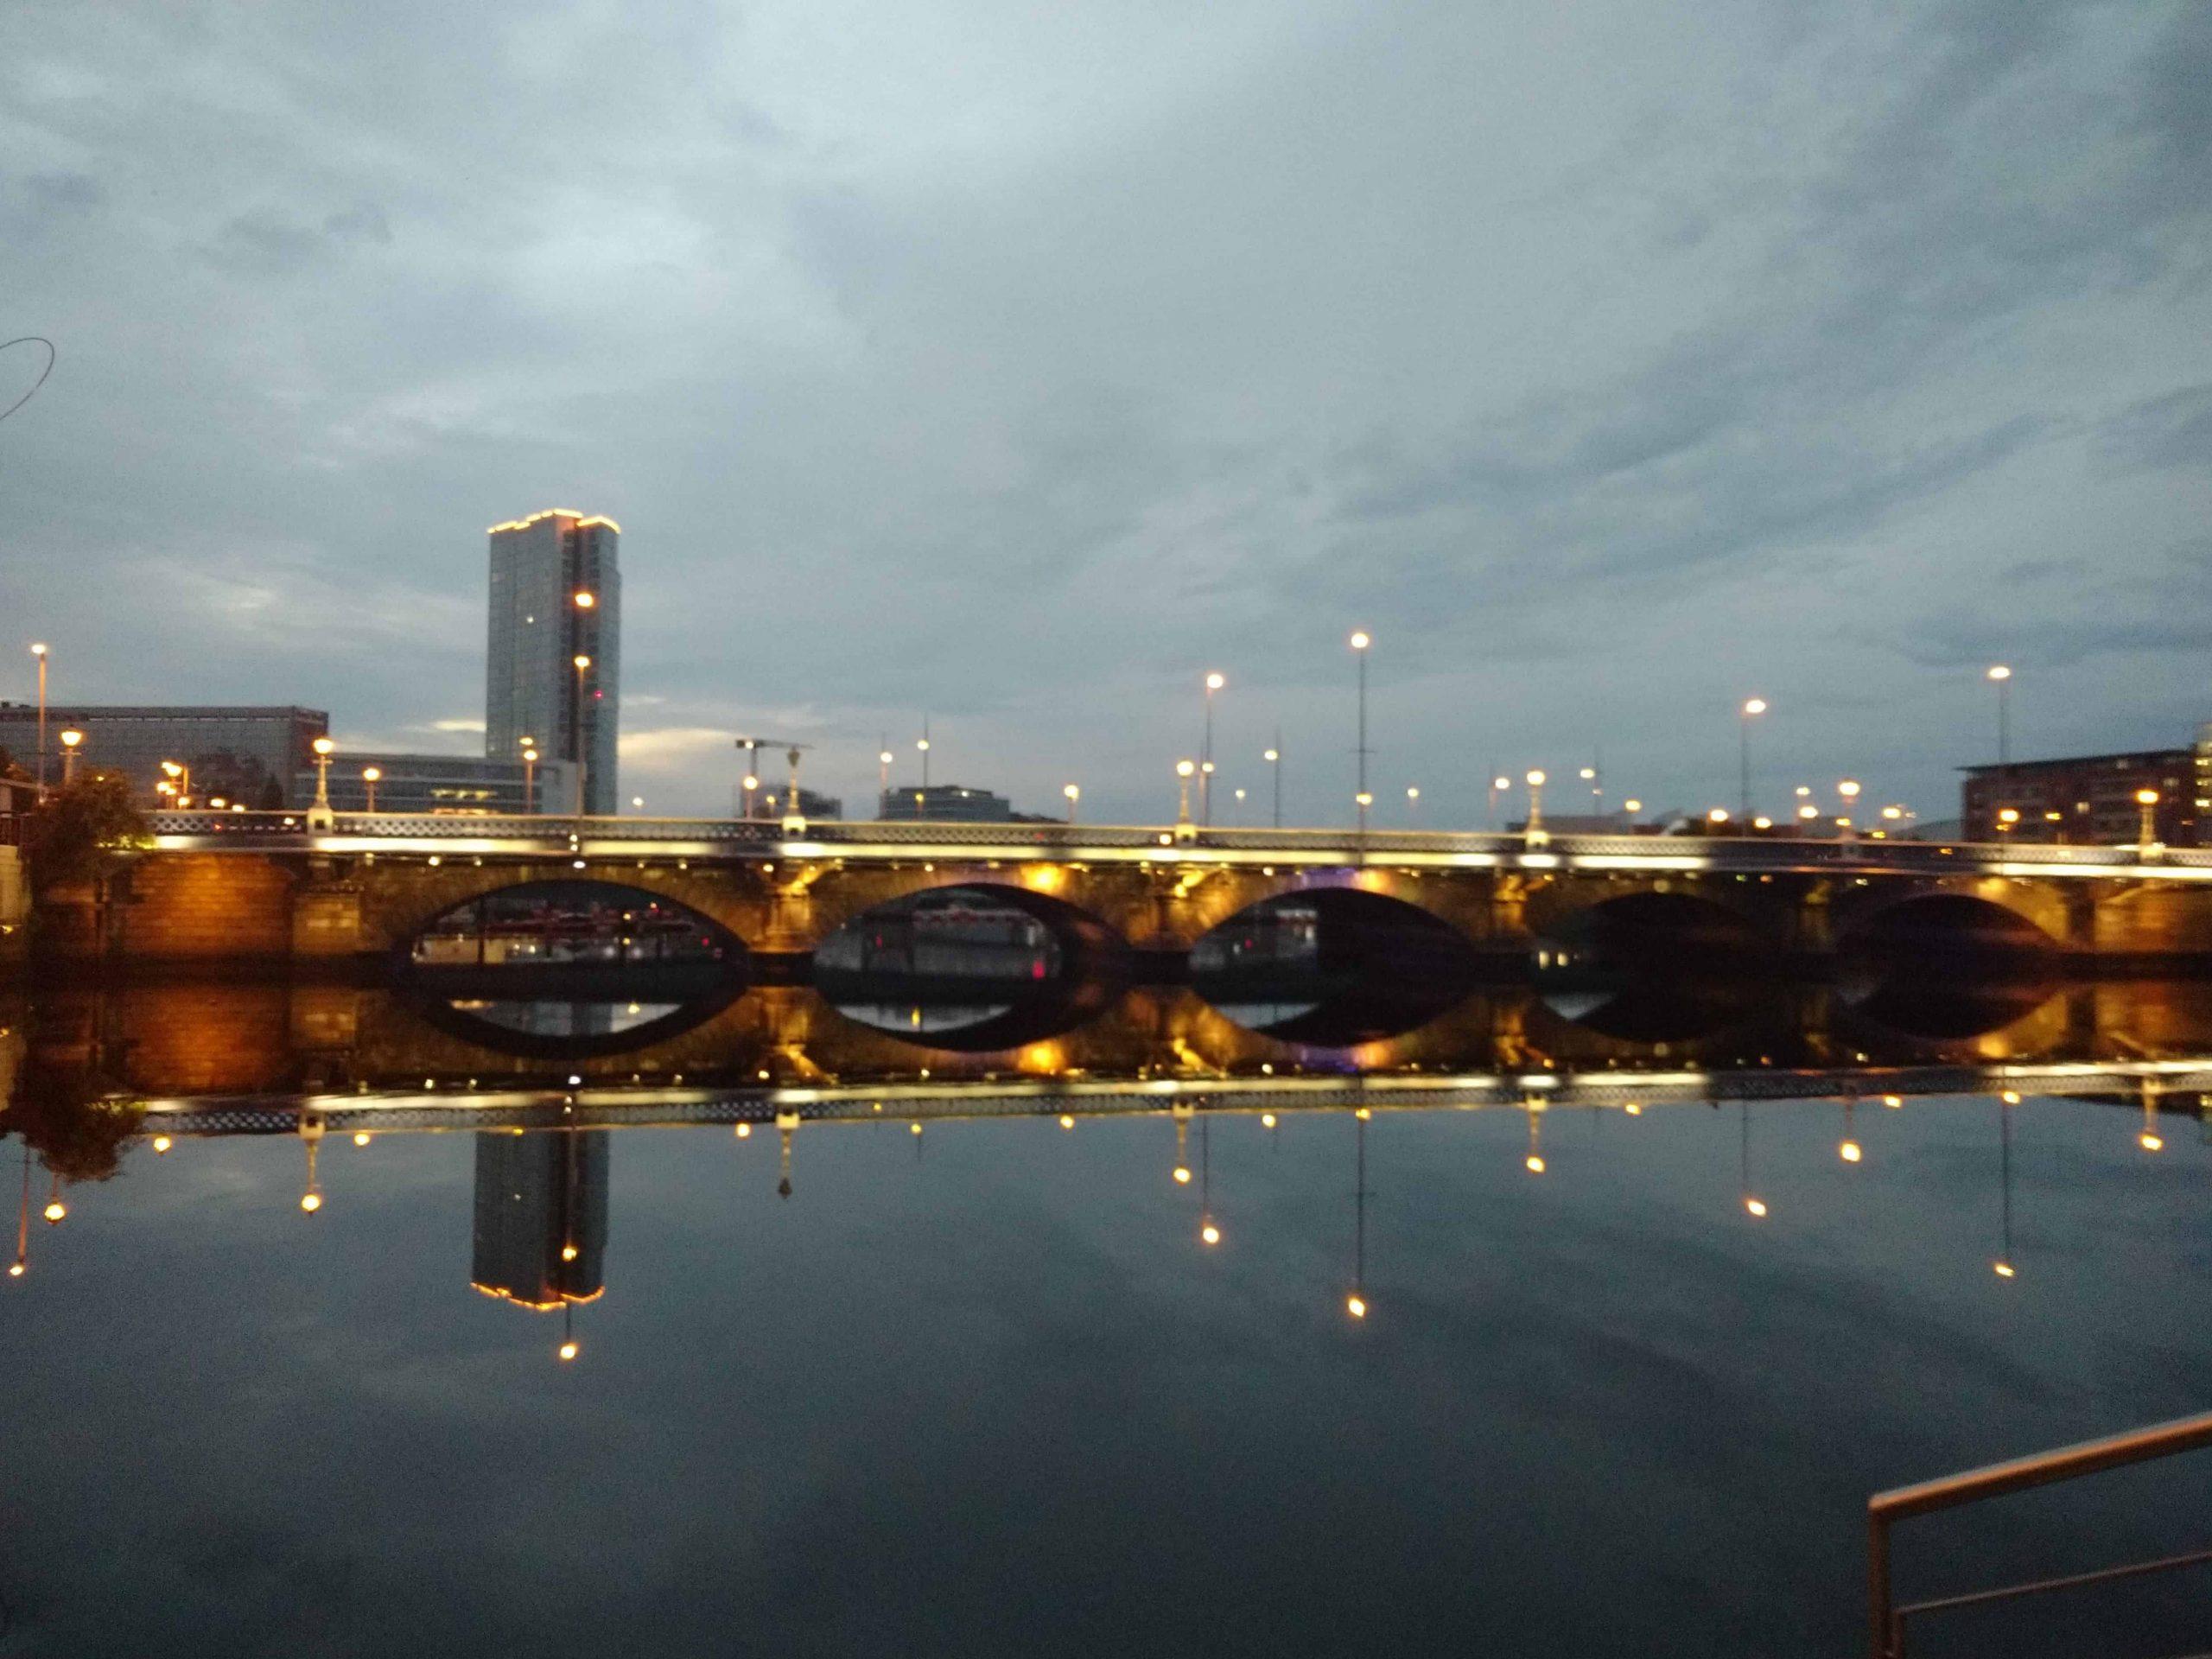 Un pont éclairé et les lumières de la ville se reflètent dans l'eau.